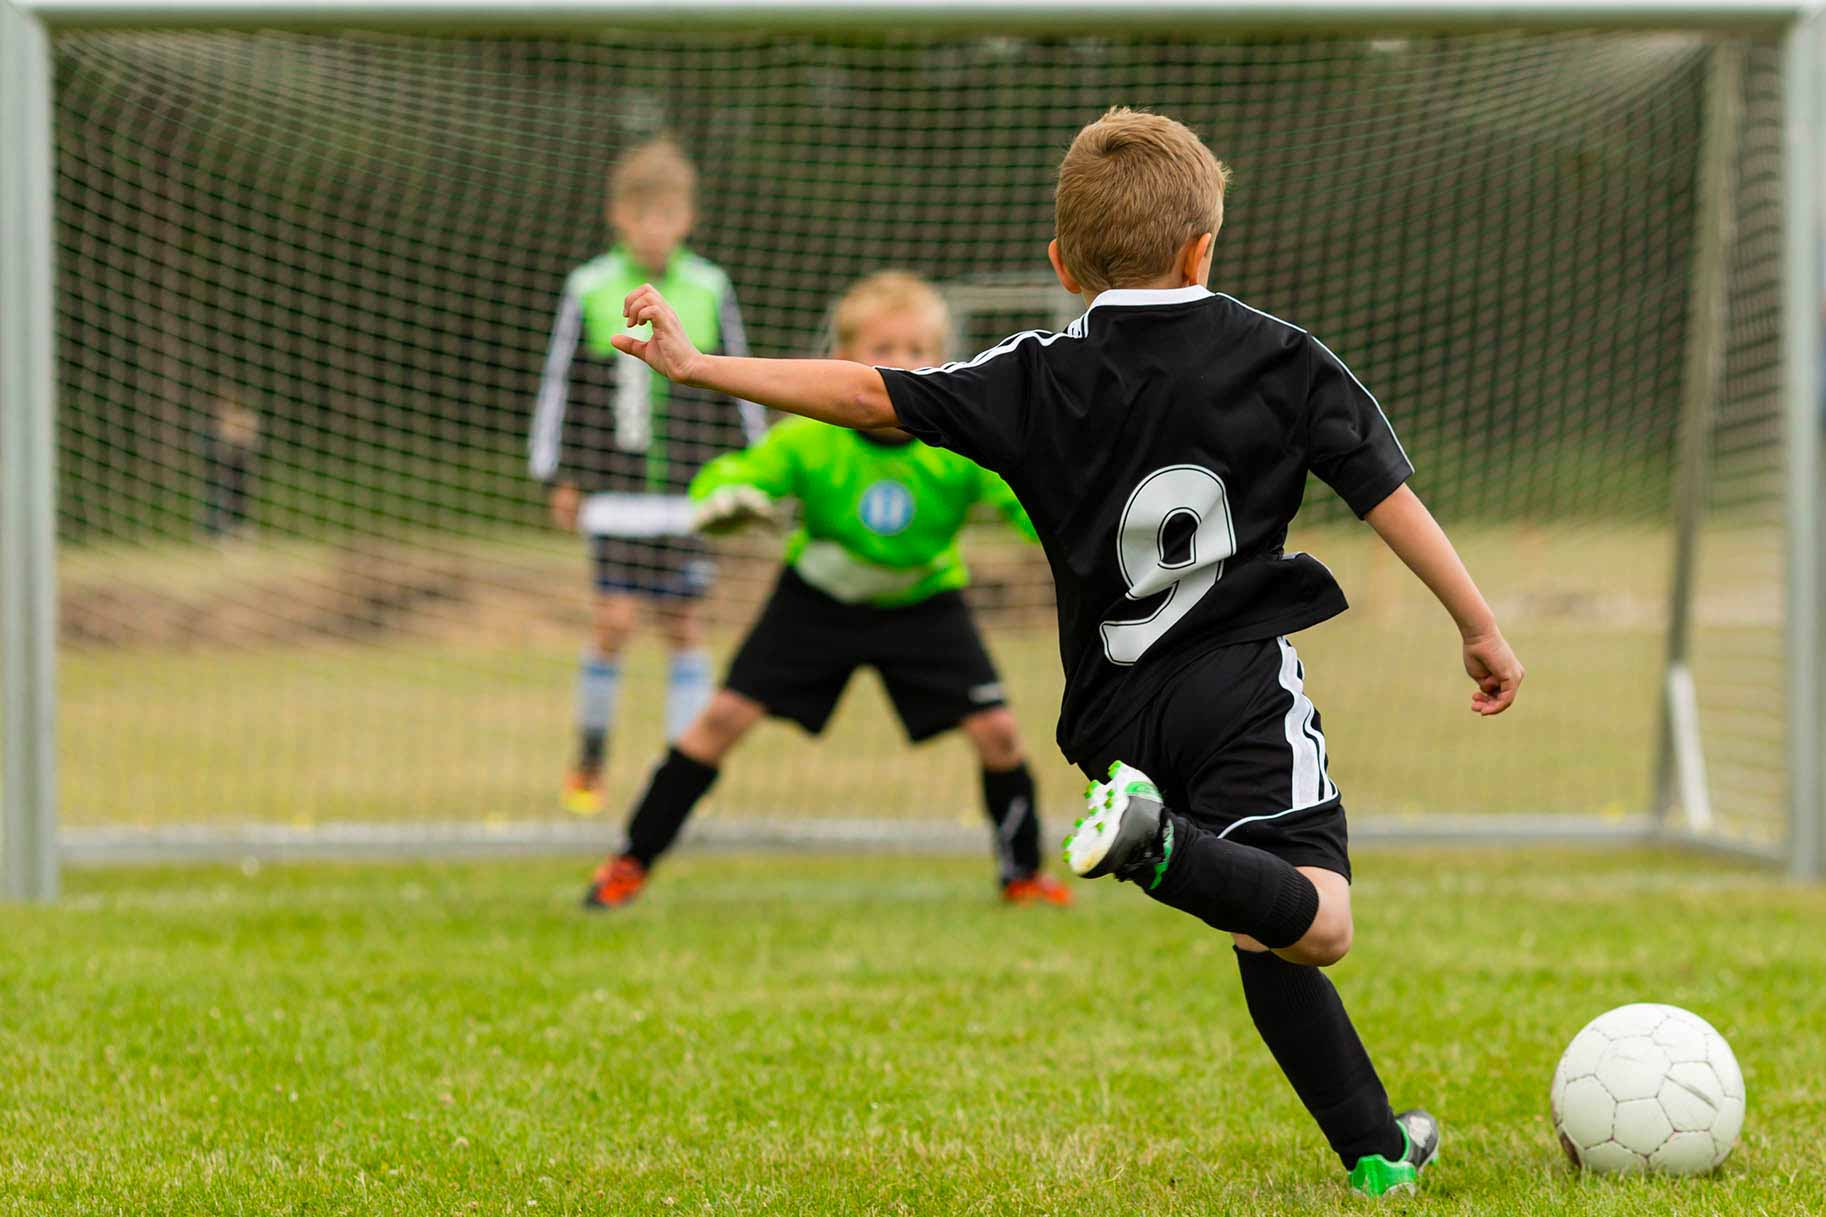 bambini pronto a calciare il pallone